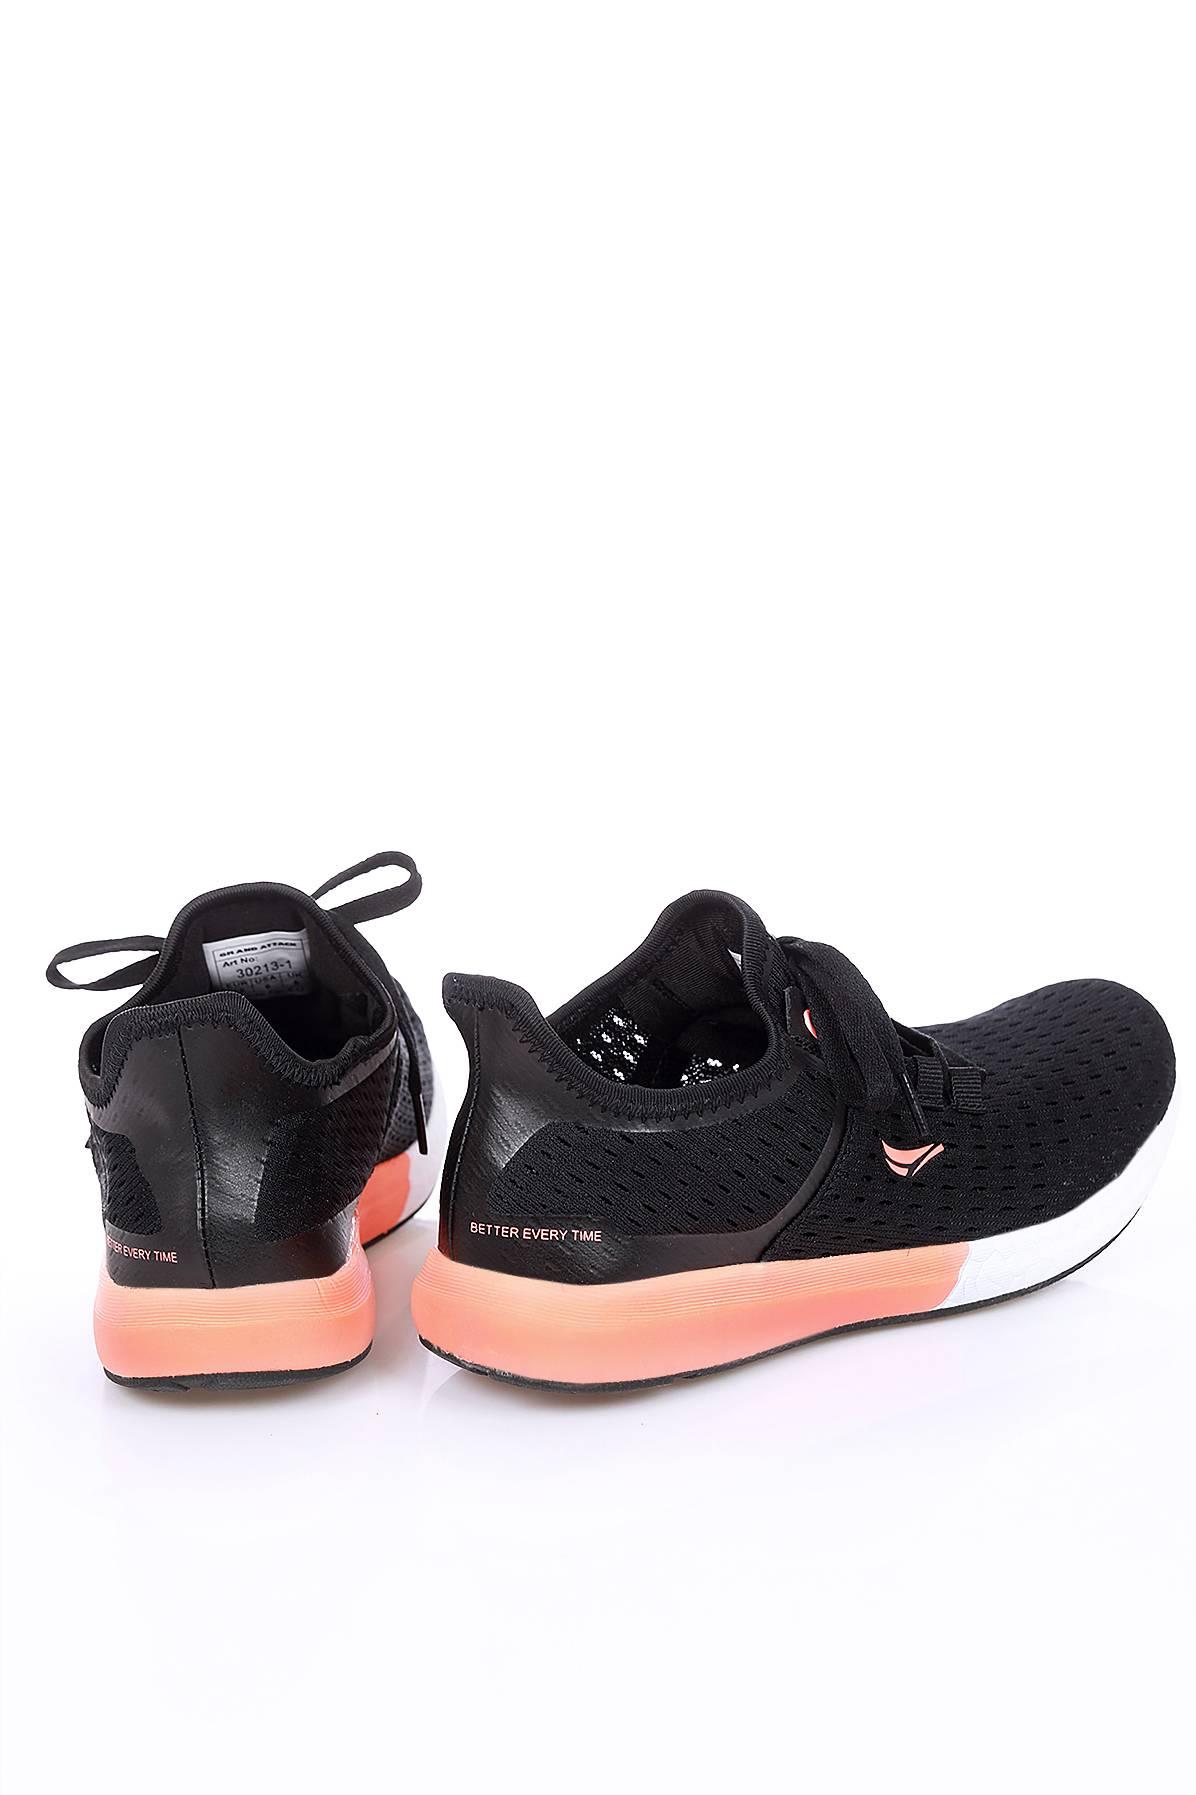 Damskie buty sportowe HERDY Czarne obuwie sportowe damskie